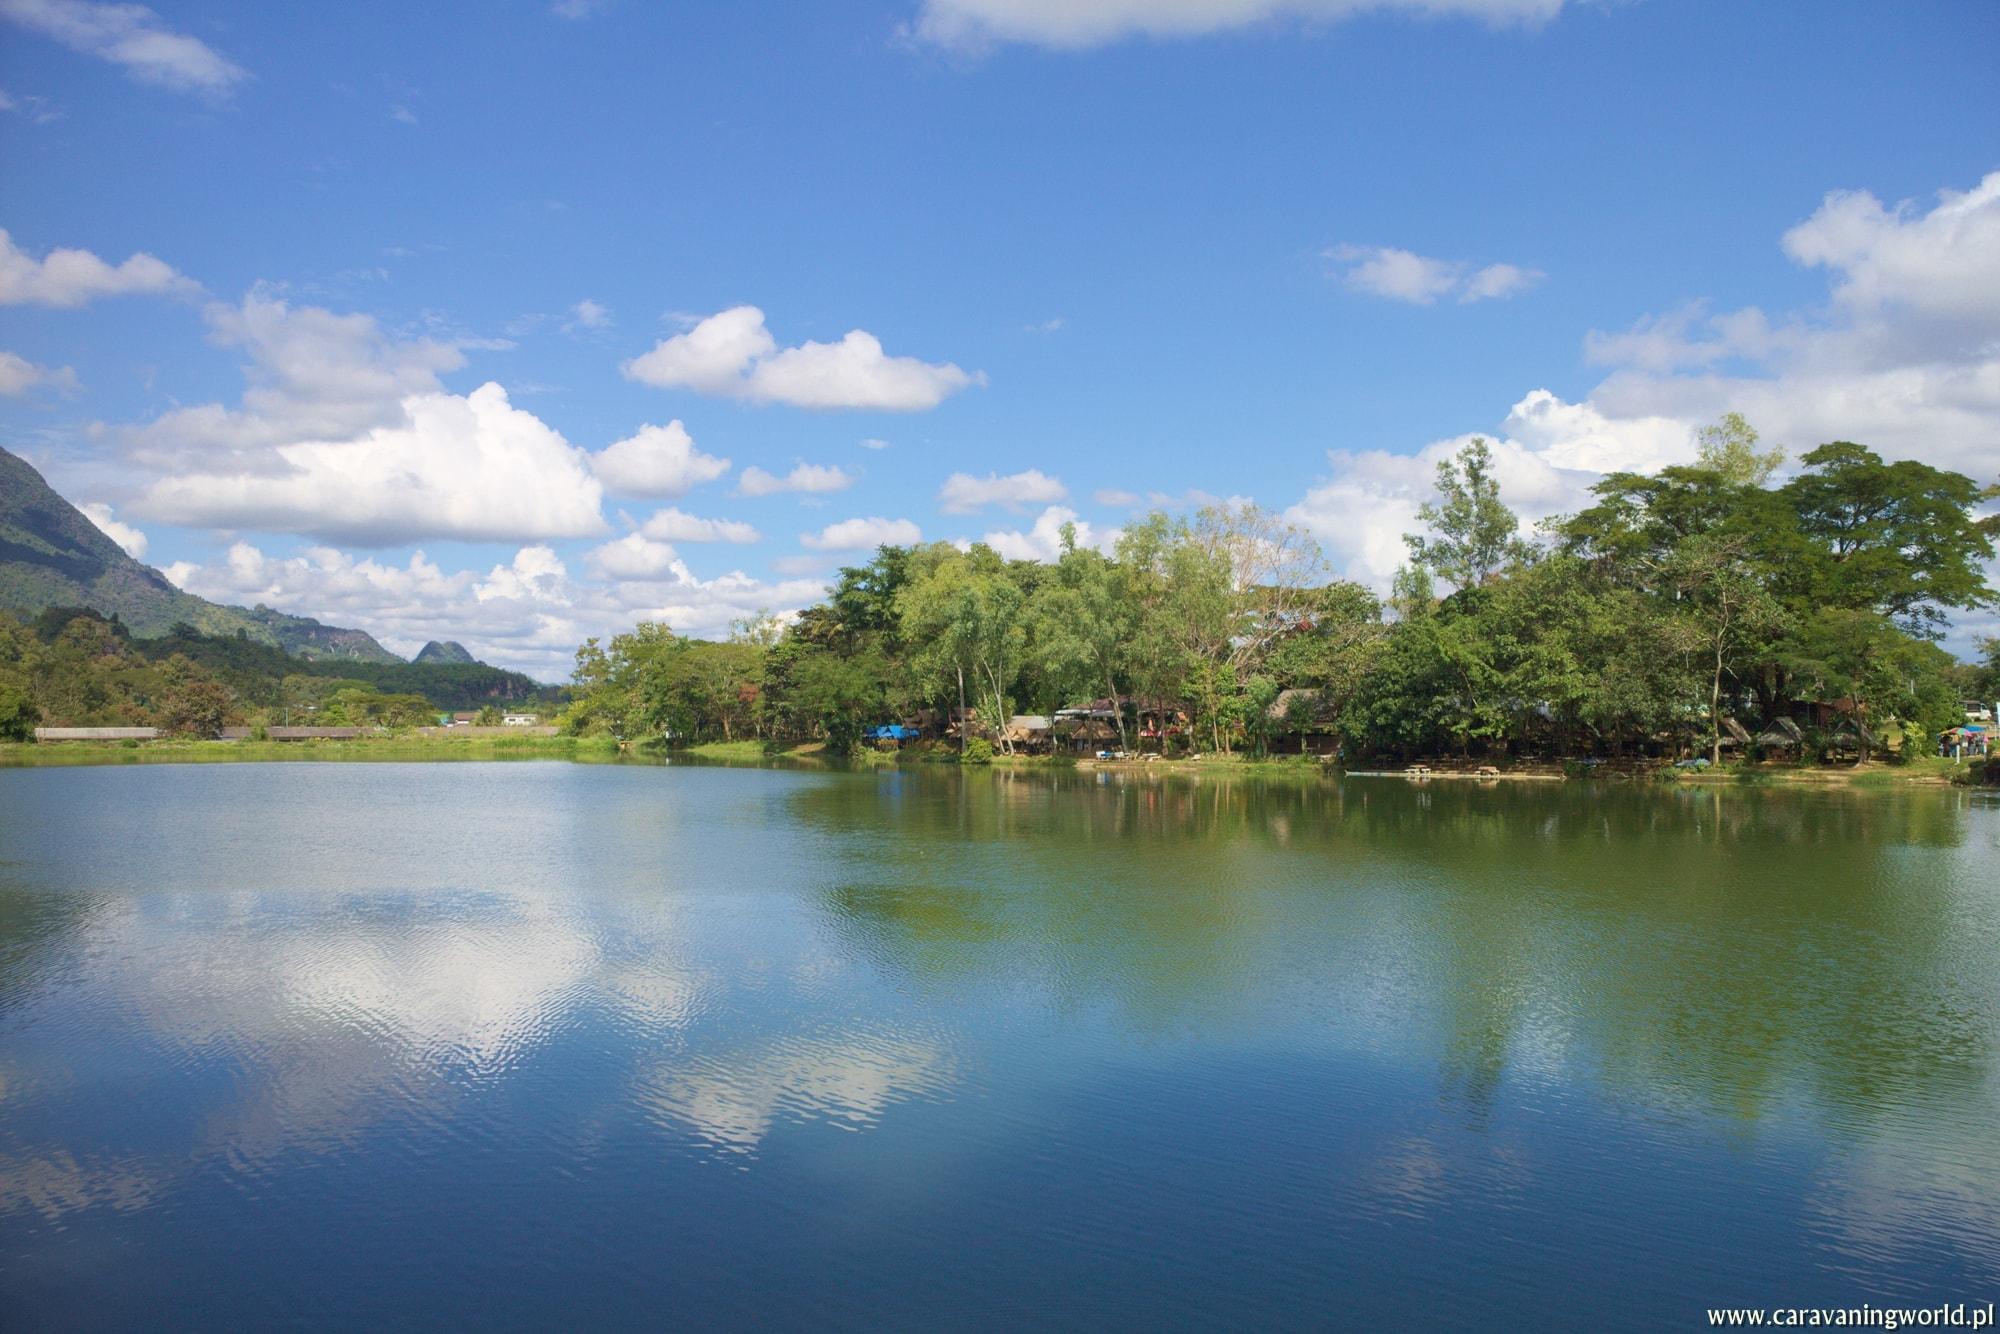 Widok na knajpke Tham Sao Hin Reservoir przy jeziorze